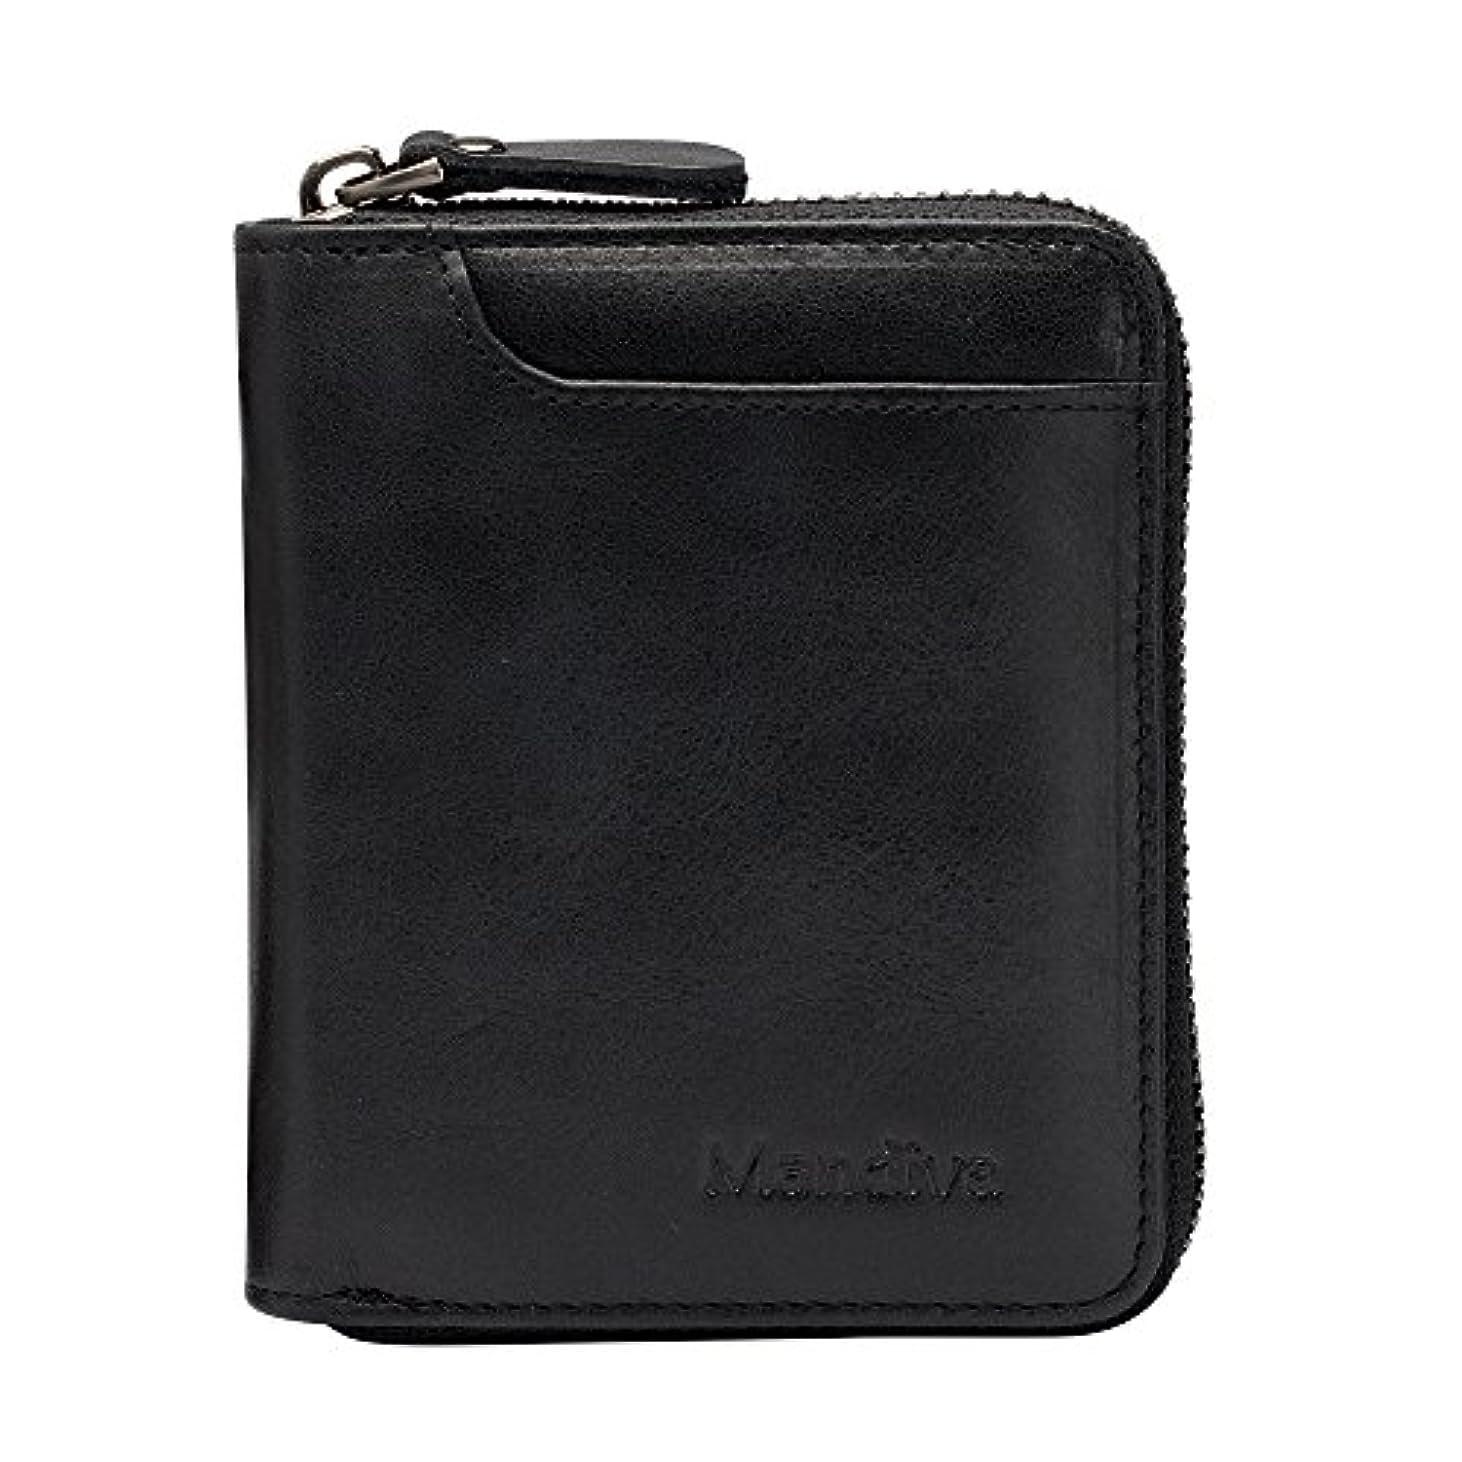 赤外線側溝ナチュラMandiva 財布 カードケース 本革 メンズ 軽量小銭入れ コンパクト ラウンドファスナー